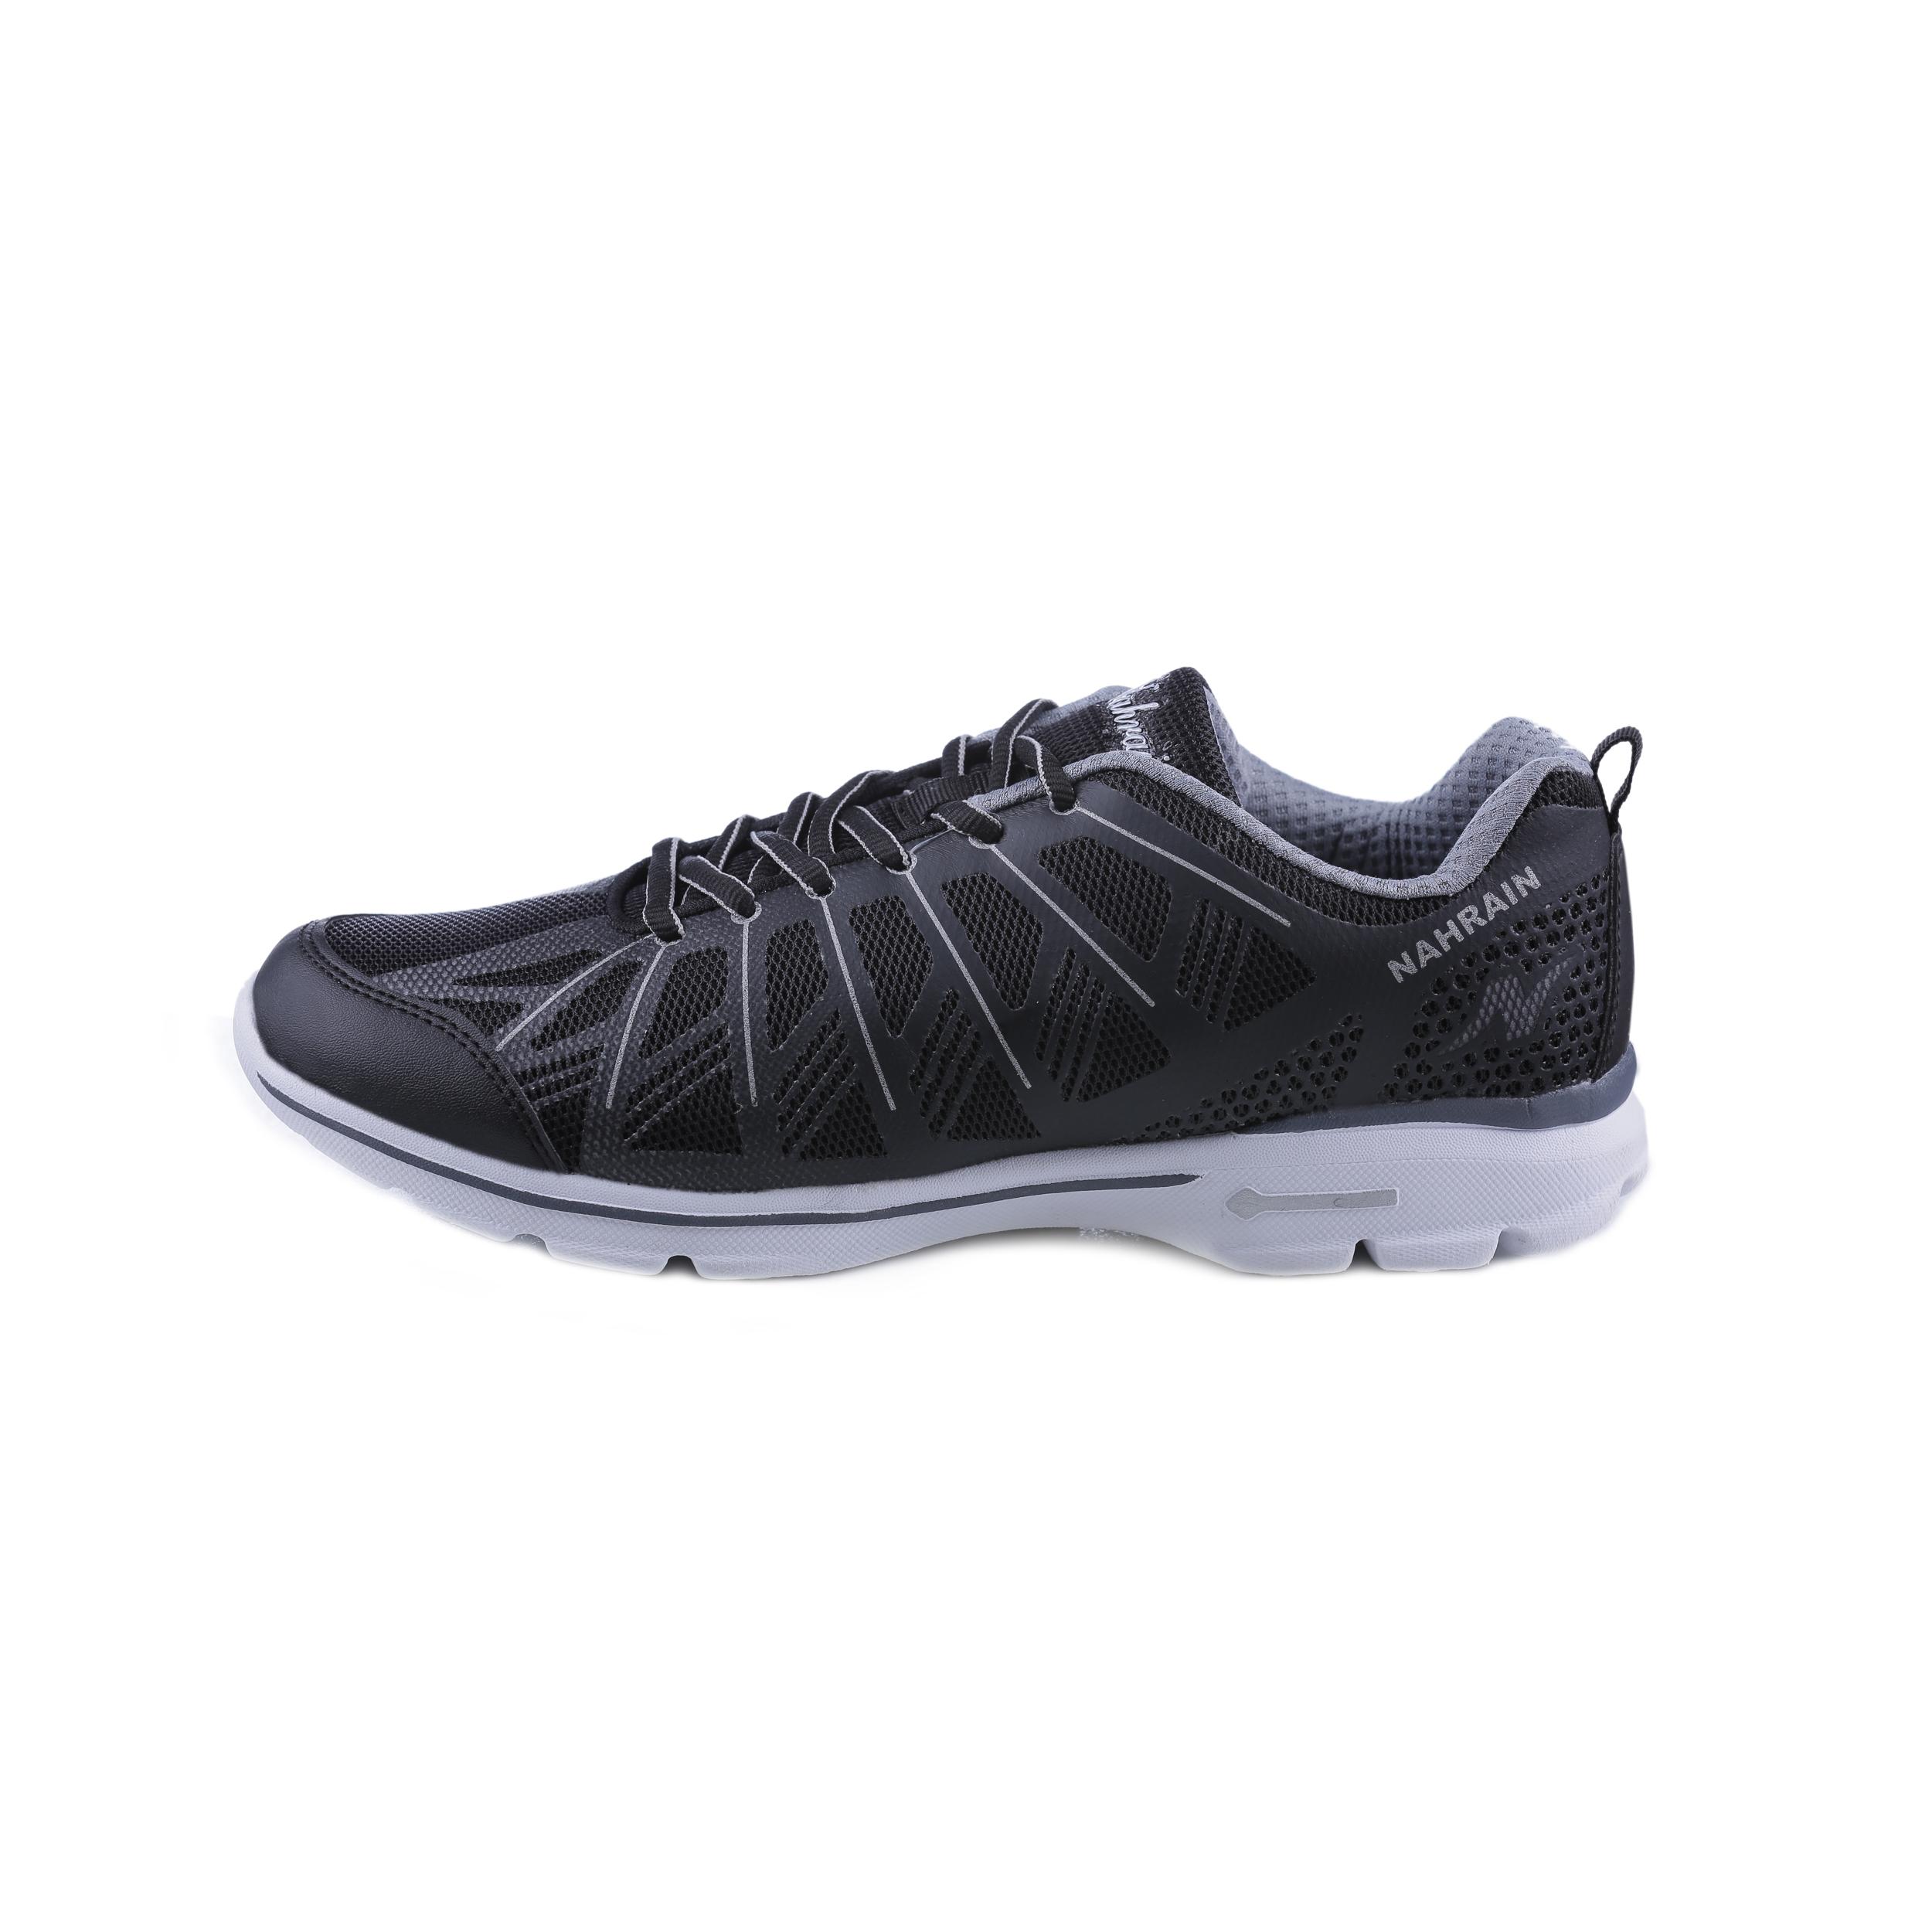 قیمت کفش مخصوص پیاده روی و دویدن مردانه نهرین مدل پاسارگاد کد 3